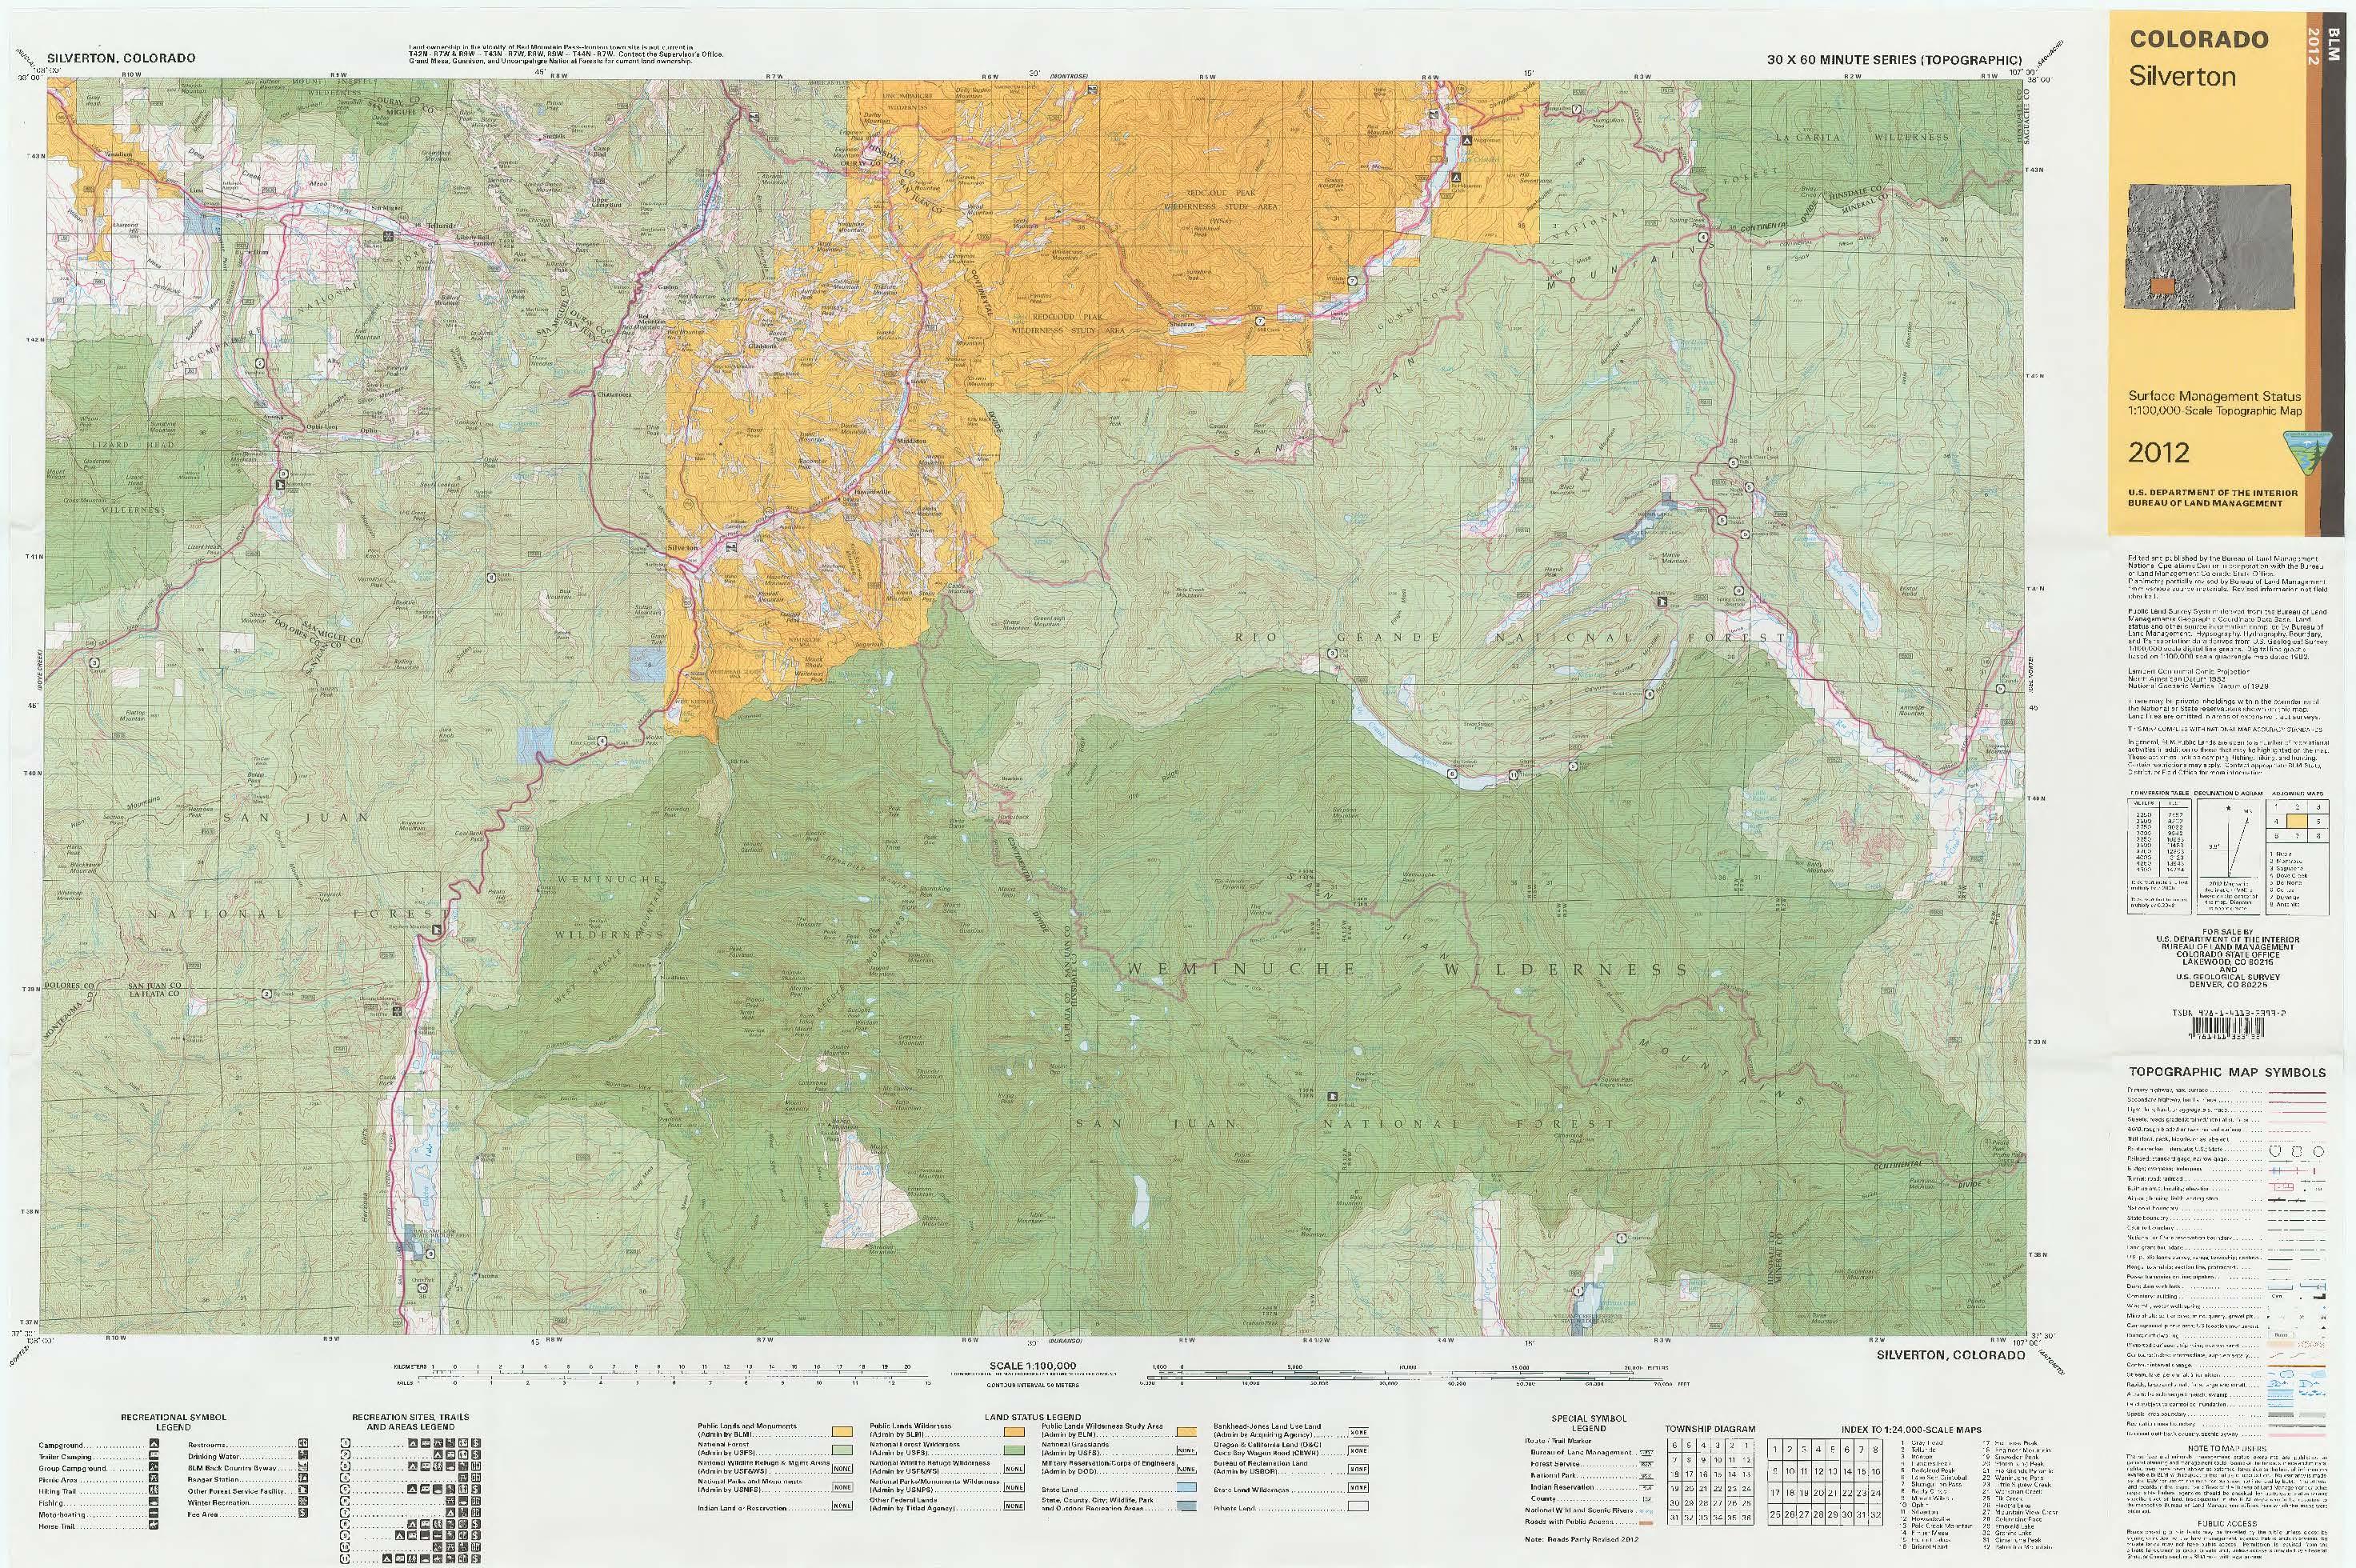 Co Surface Management Status Silverton Map Bureau Of Land Management